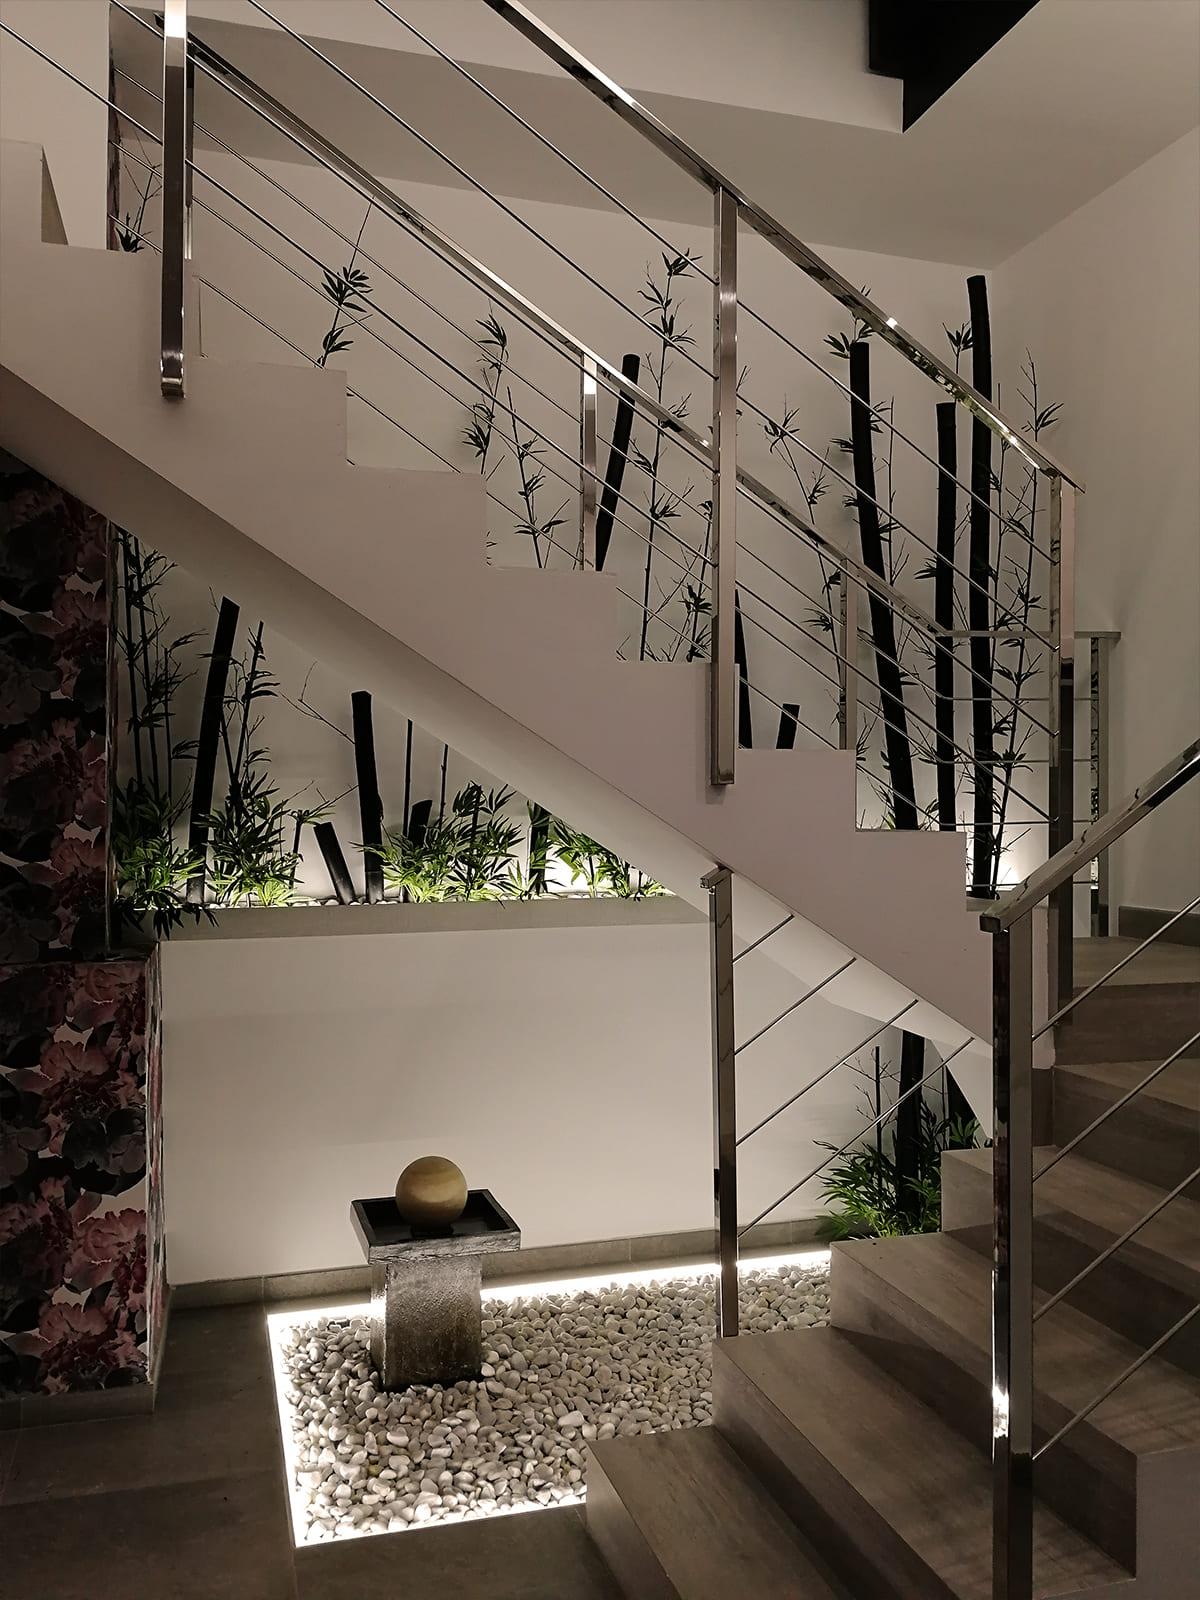 diseño-interiores-entrada-vivienda-escalera-bambu-JM-02_HIDROJARDIN-Bañeres